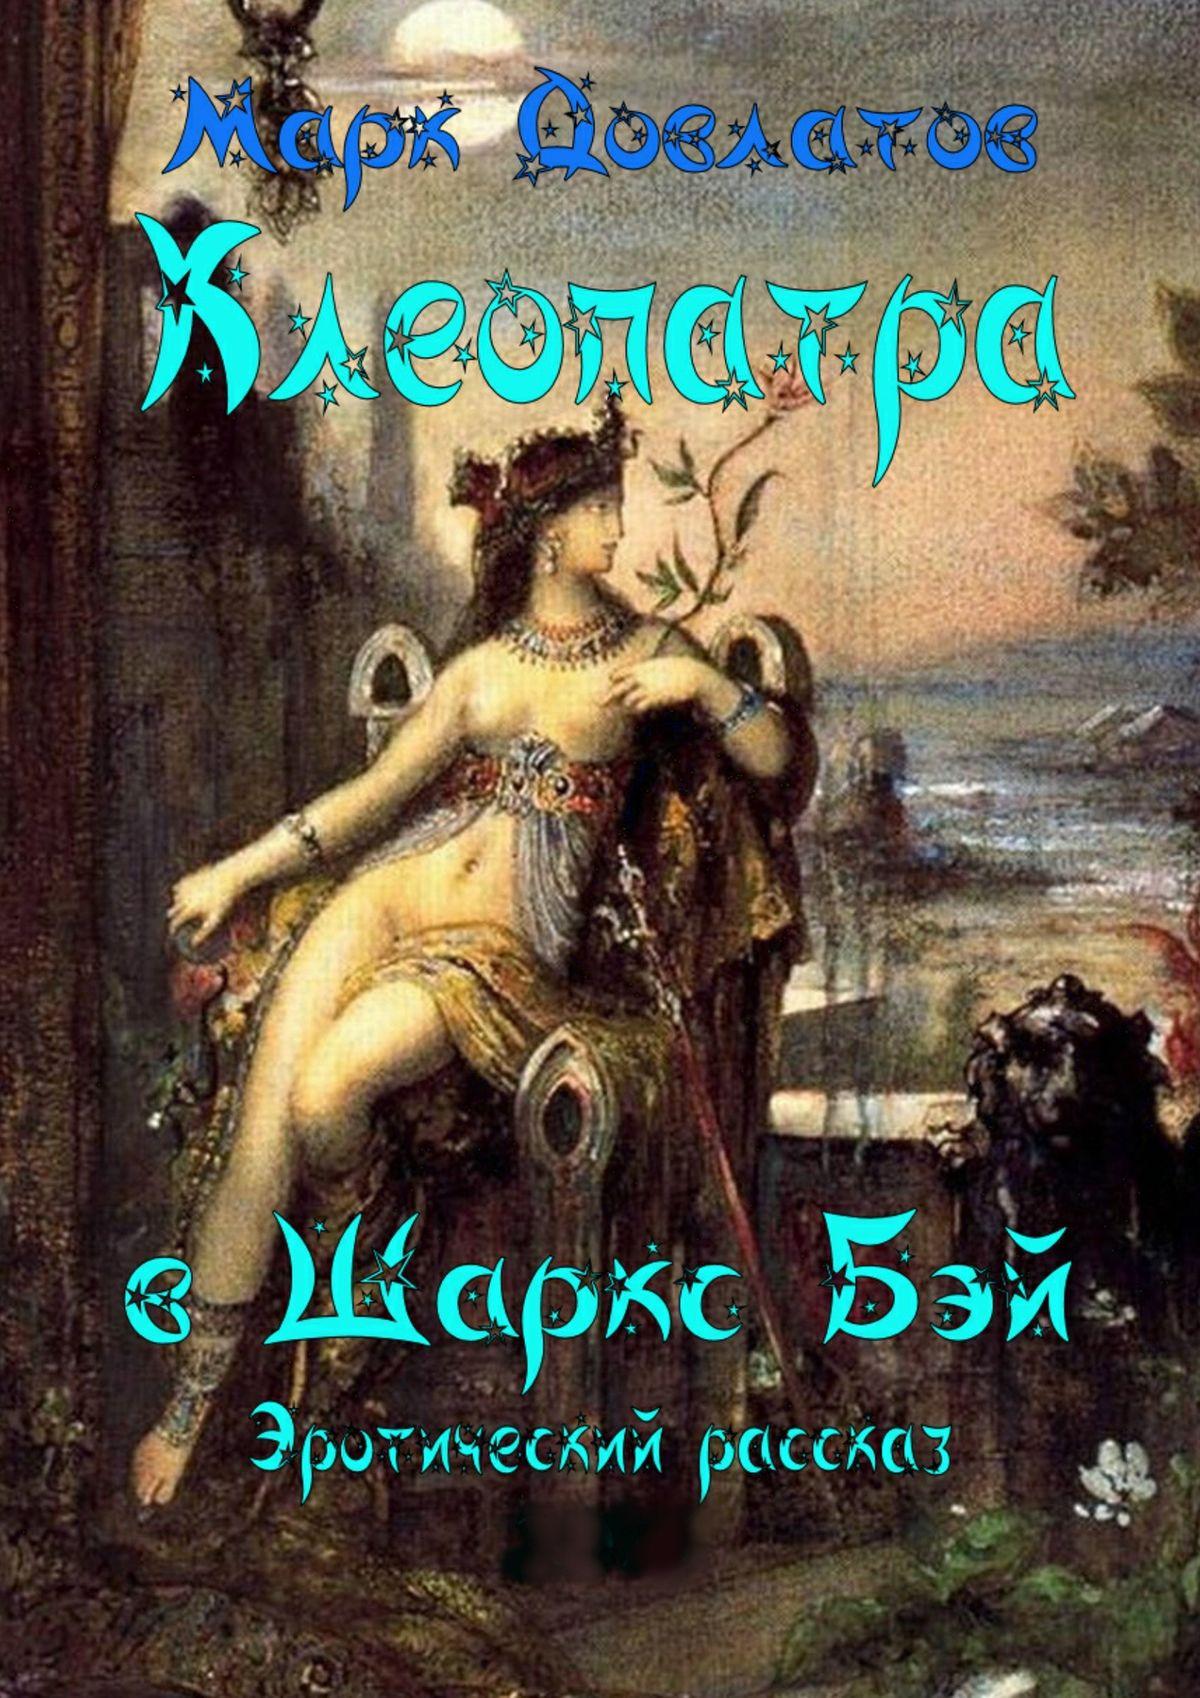 Марк Довлатов Клеопатра в Шаркc Бэй